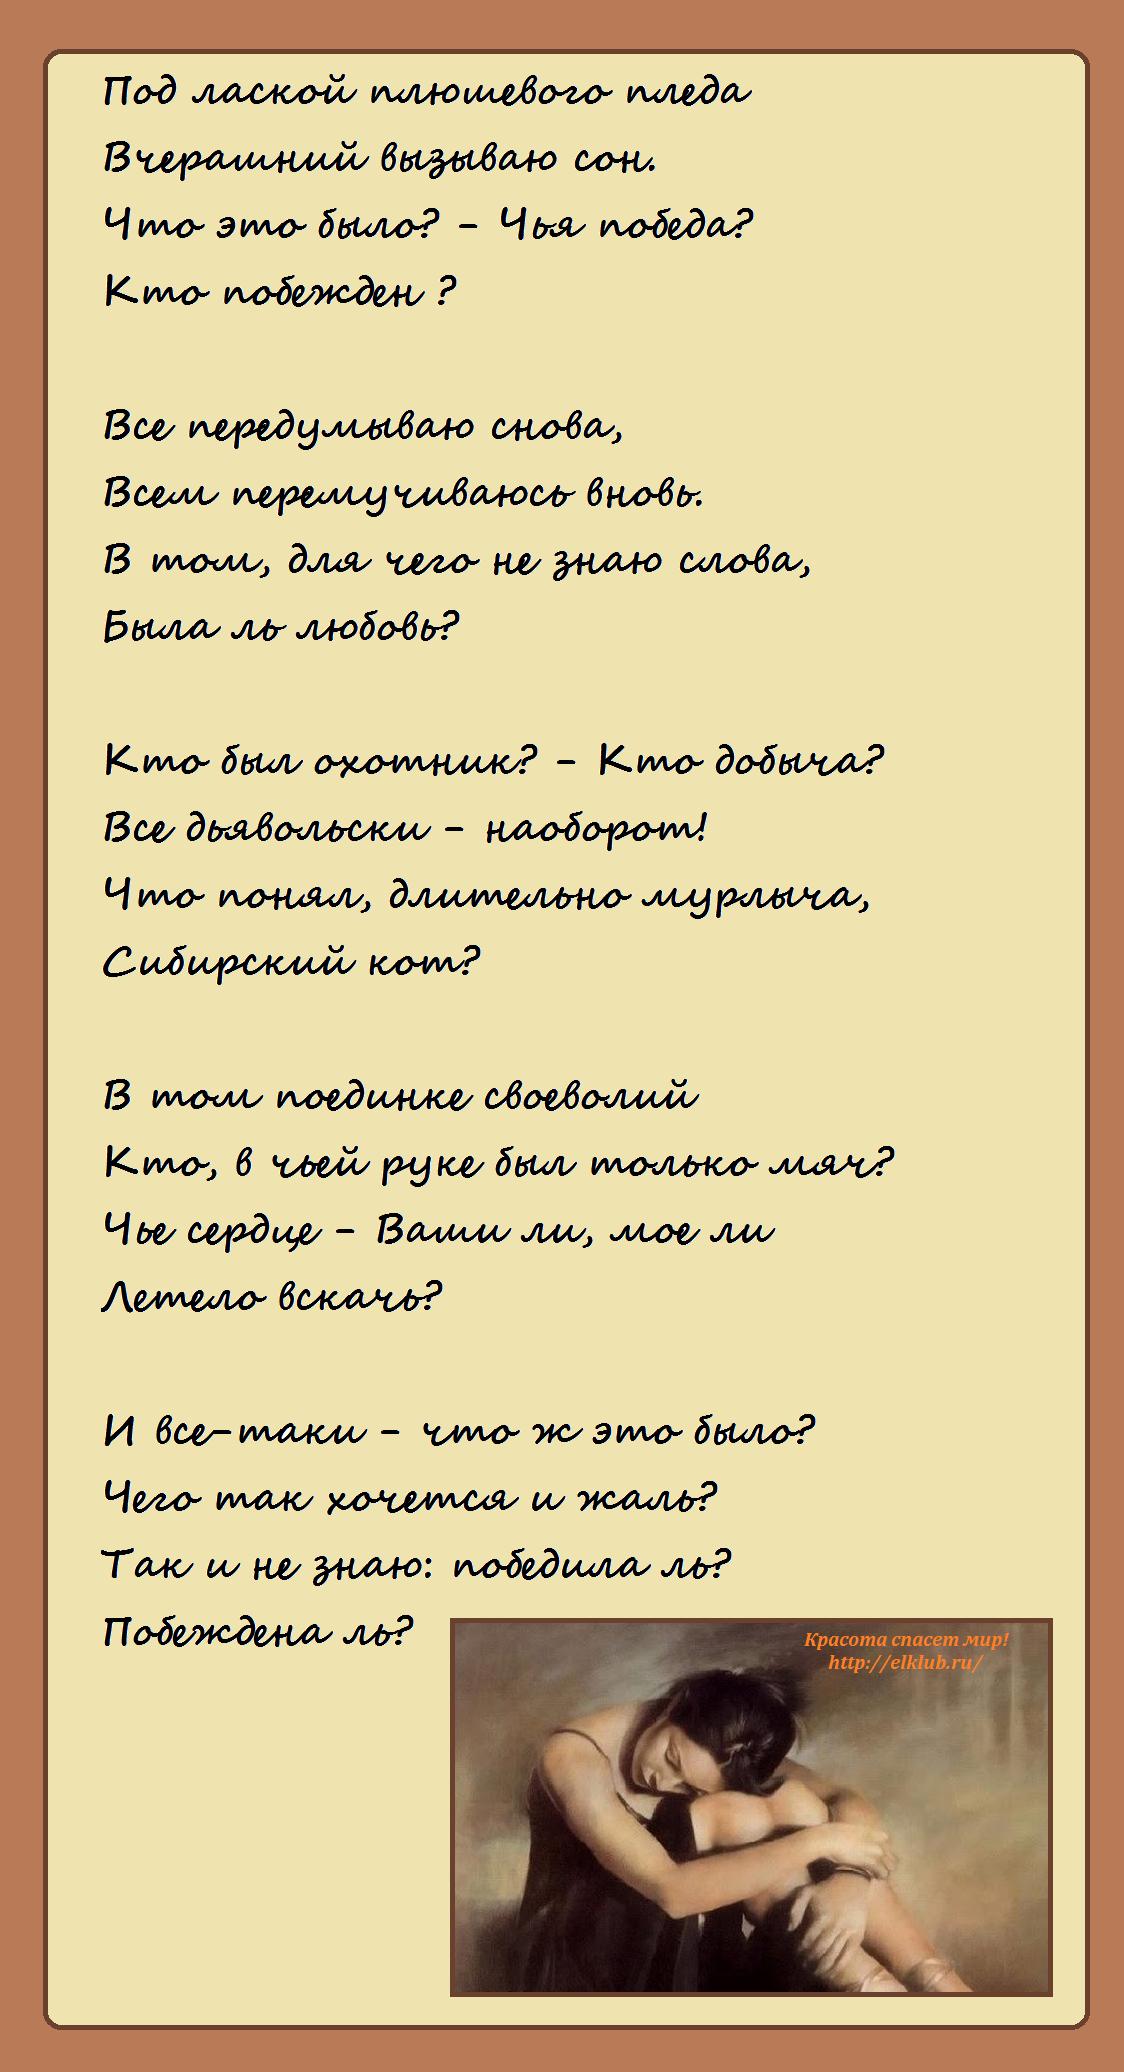 Стихотворение Марины Цветаевой